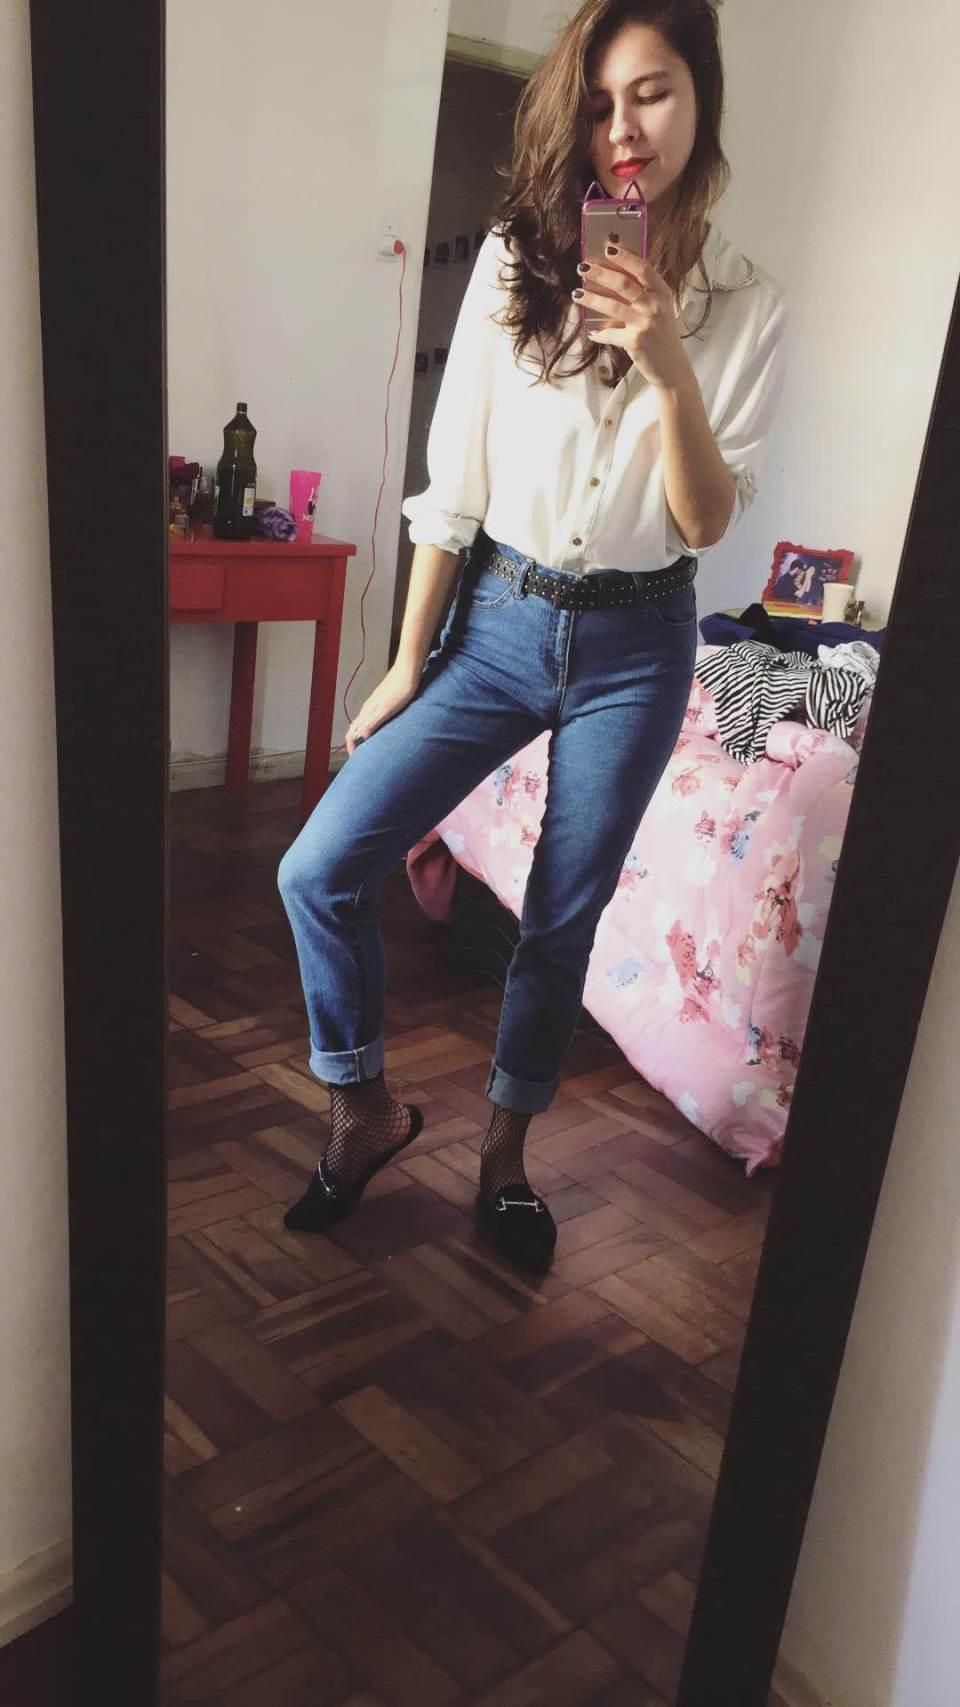 Marcie posa em frente a um espelho, com o celular no alto tirando a foto. O look é composto por camisa branca para dentro da calça jeans, cinto preto com tachas, mule preto e meia arrastão.